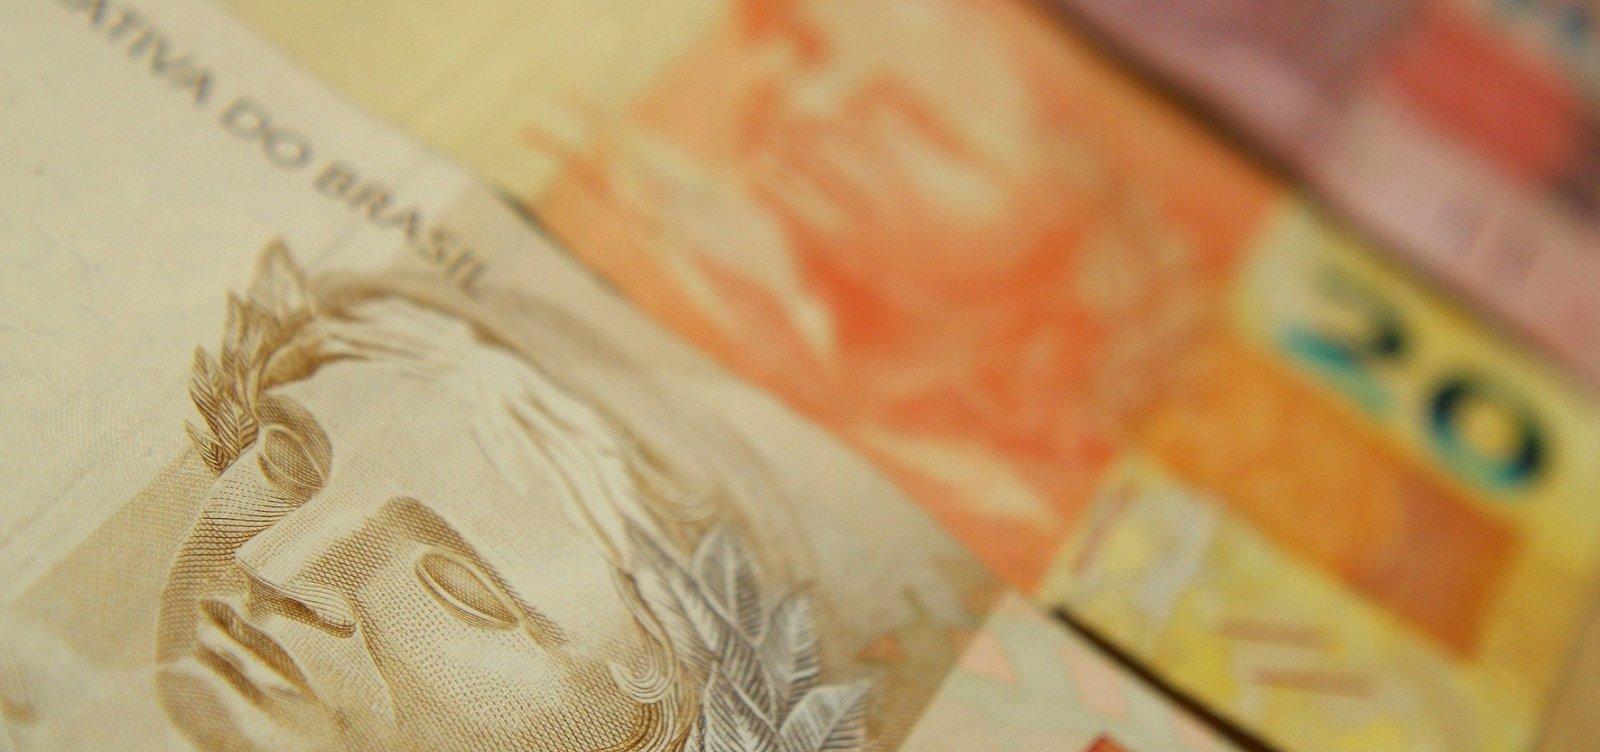 [OCDE diminui previsão de crescimento do PIB brasileiro a 1,2% em 2018]